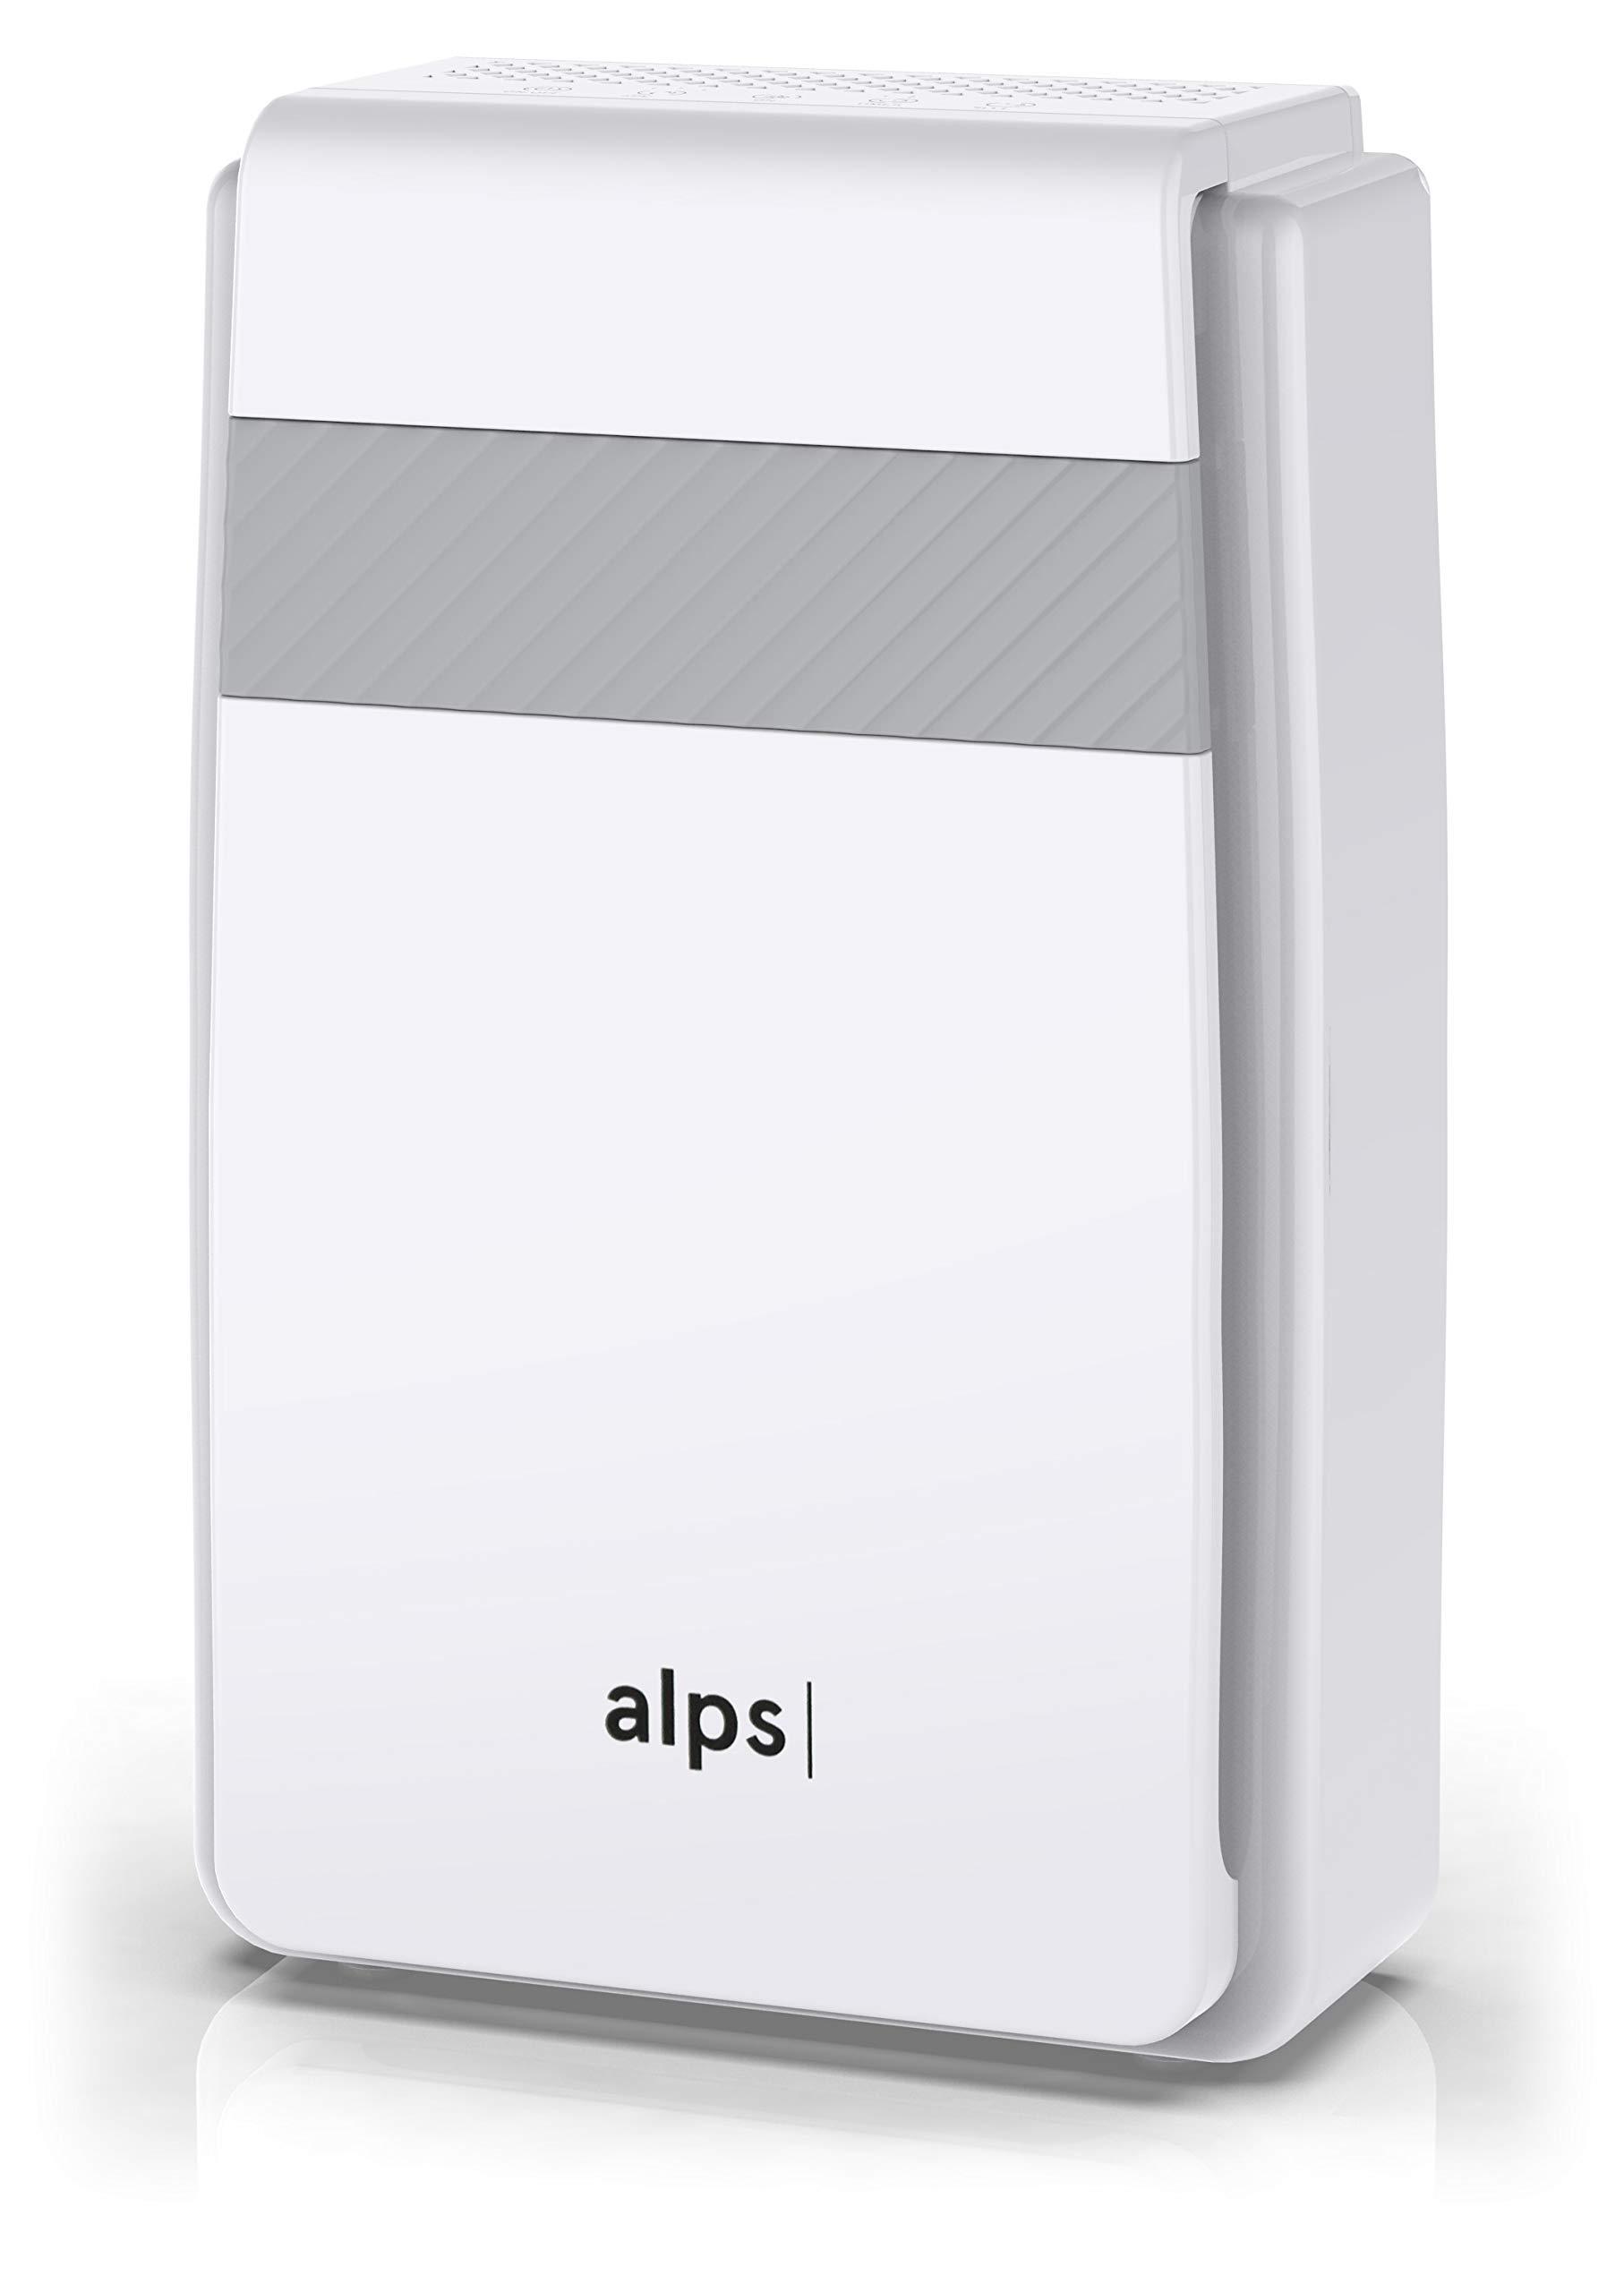 Purificateur d'air Alps Technologies | CADR élevé | 5 étapes de filtration | Préfiltre + HEPA premium + charbon-actif + filtre à formaldéhyde + ioniseur | ALPS_PA_M1 | Marque Française product image